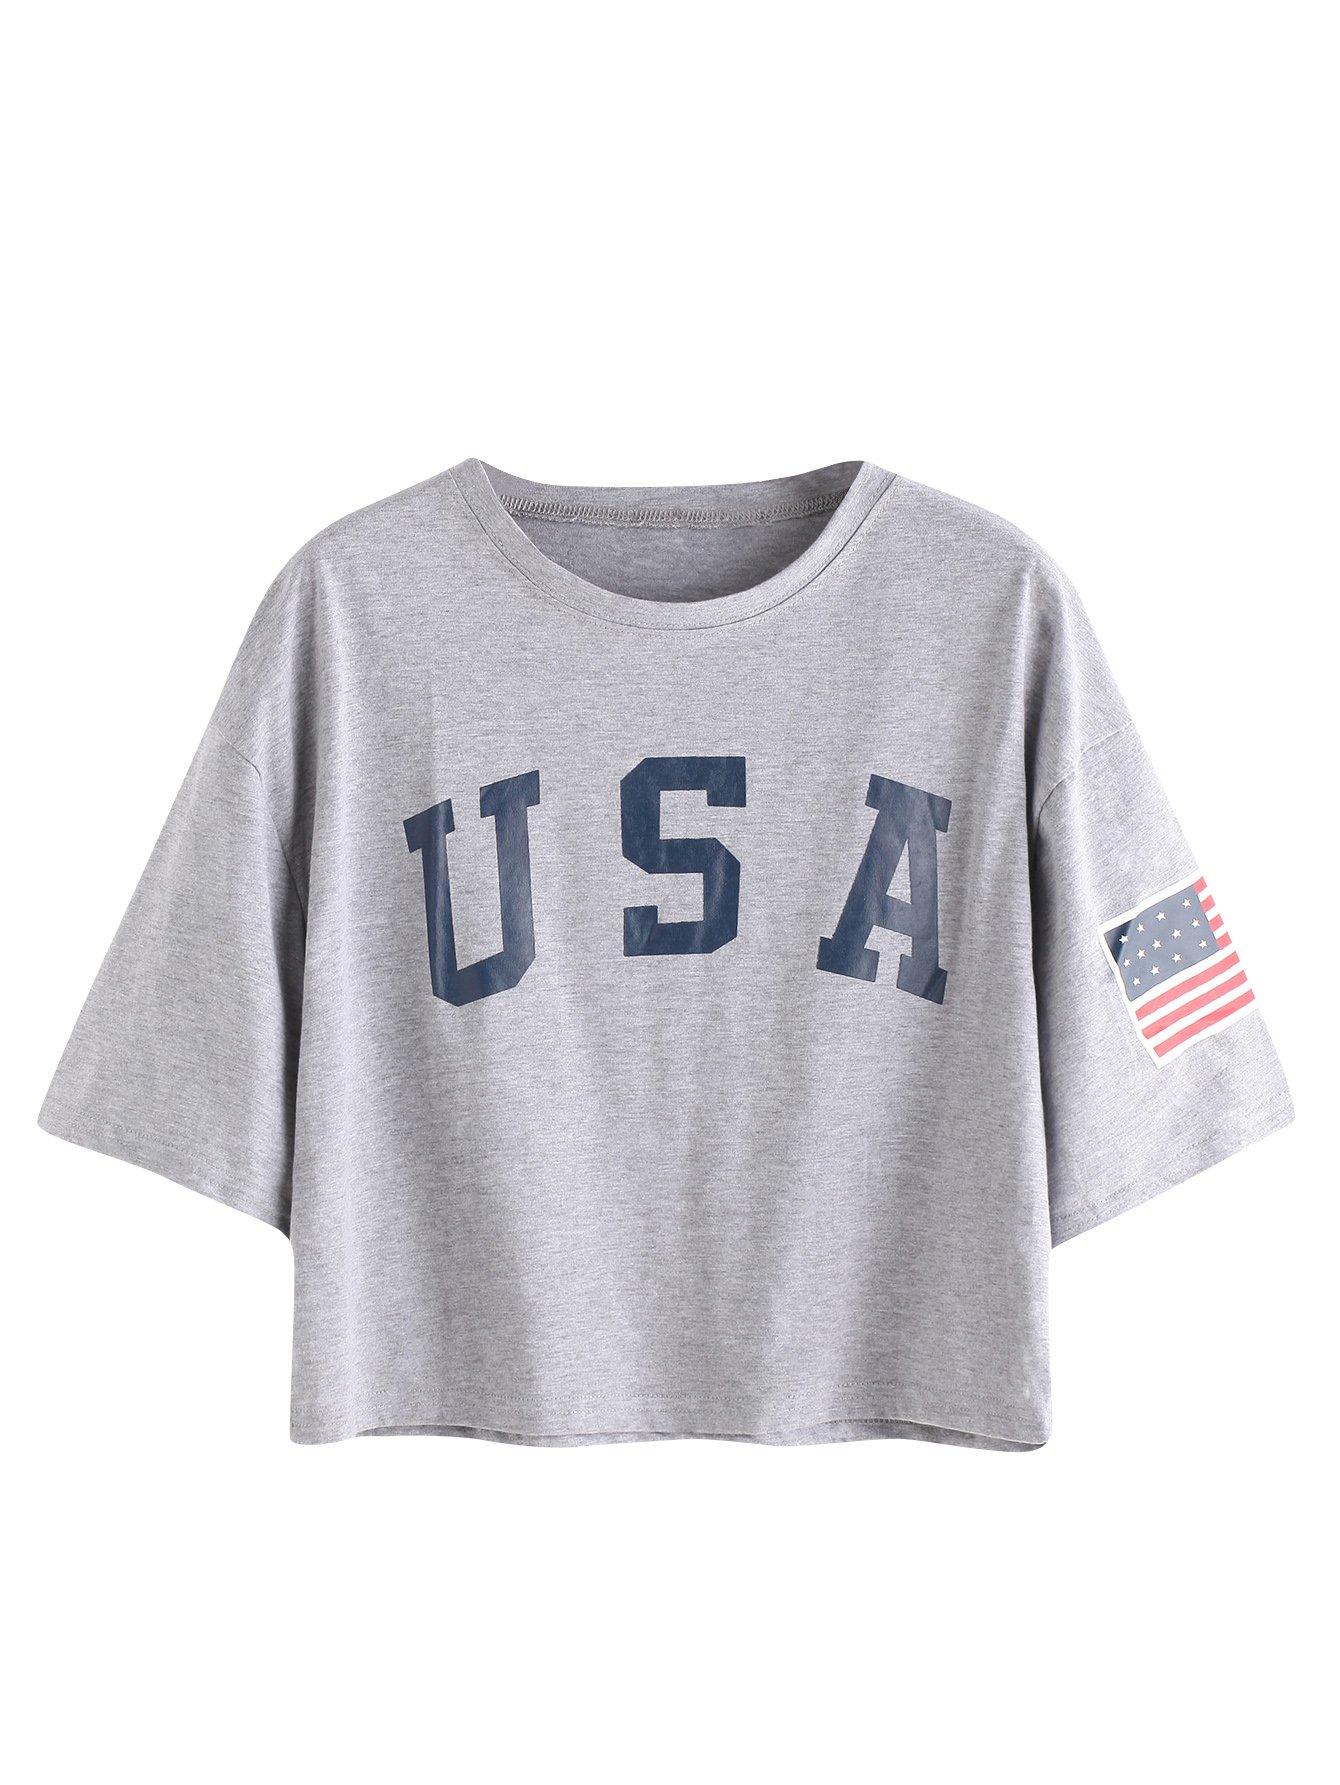 HUILAN Women's USA Letter Print Crop Tops Summer Short Sleeve T-Shirt